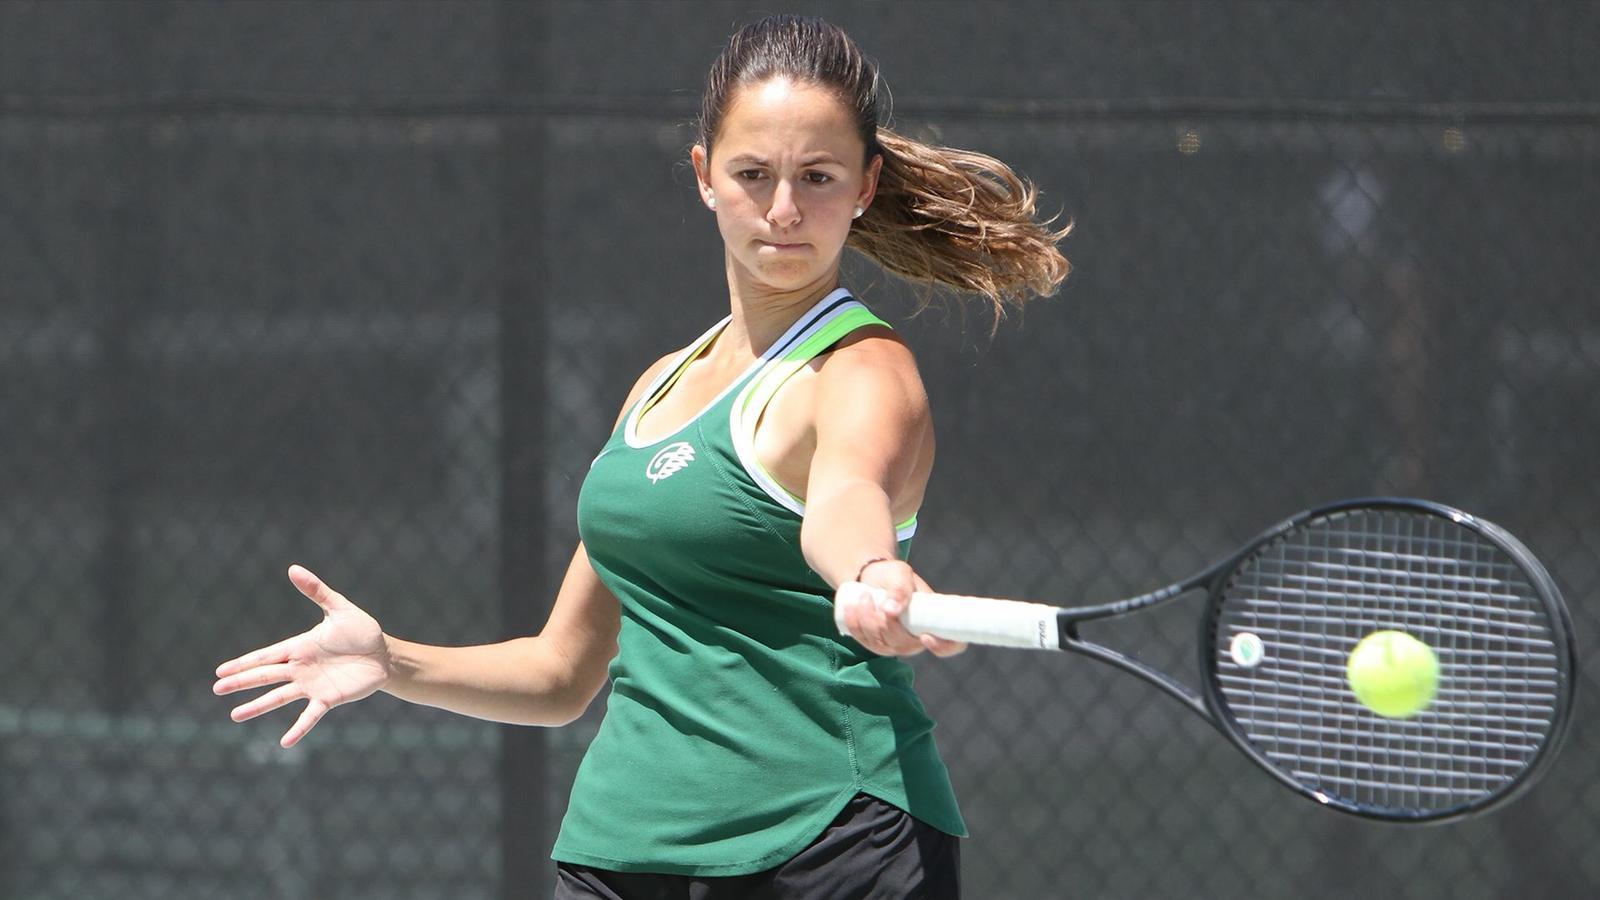 henar garcía tenis formacion en EEUU